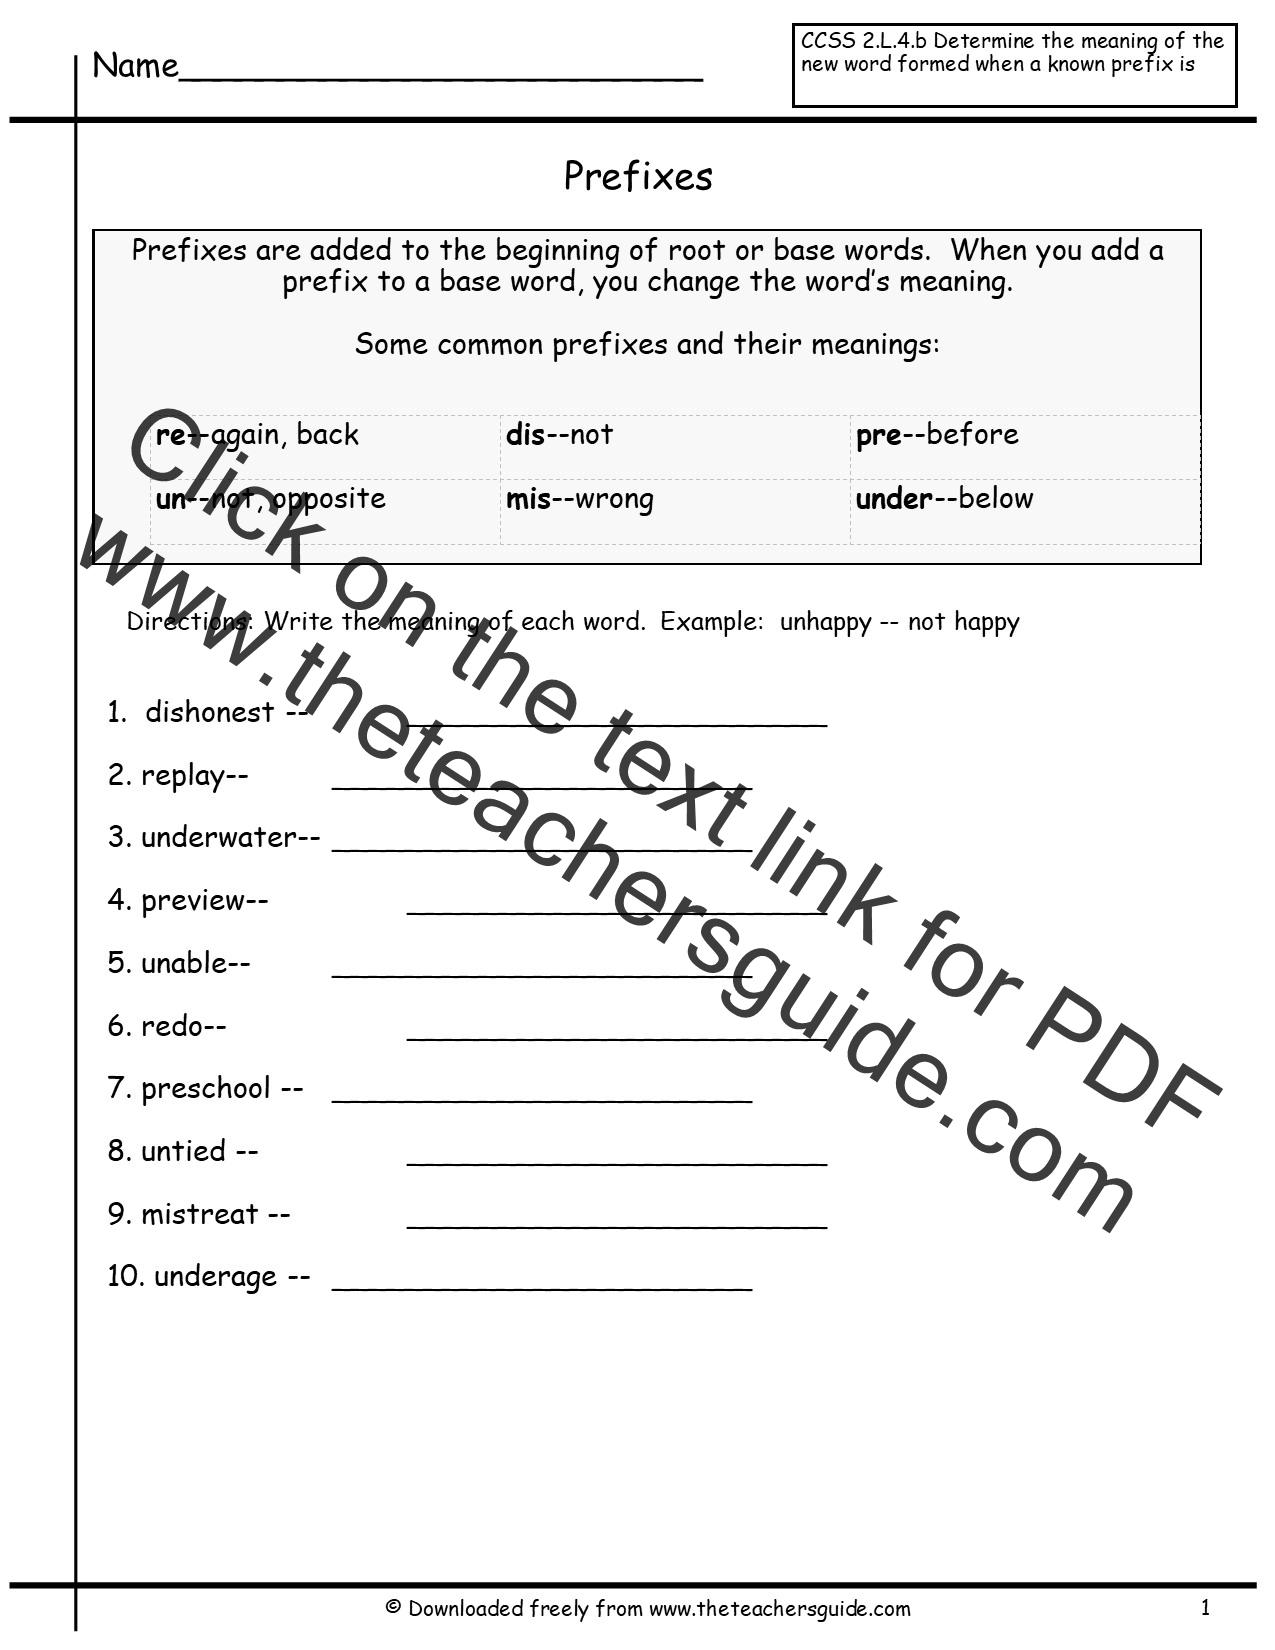 Post Prefix Post Prefix Post Prefix Post Prefix Post Manual Guide